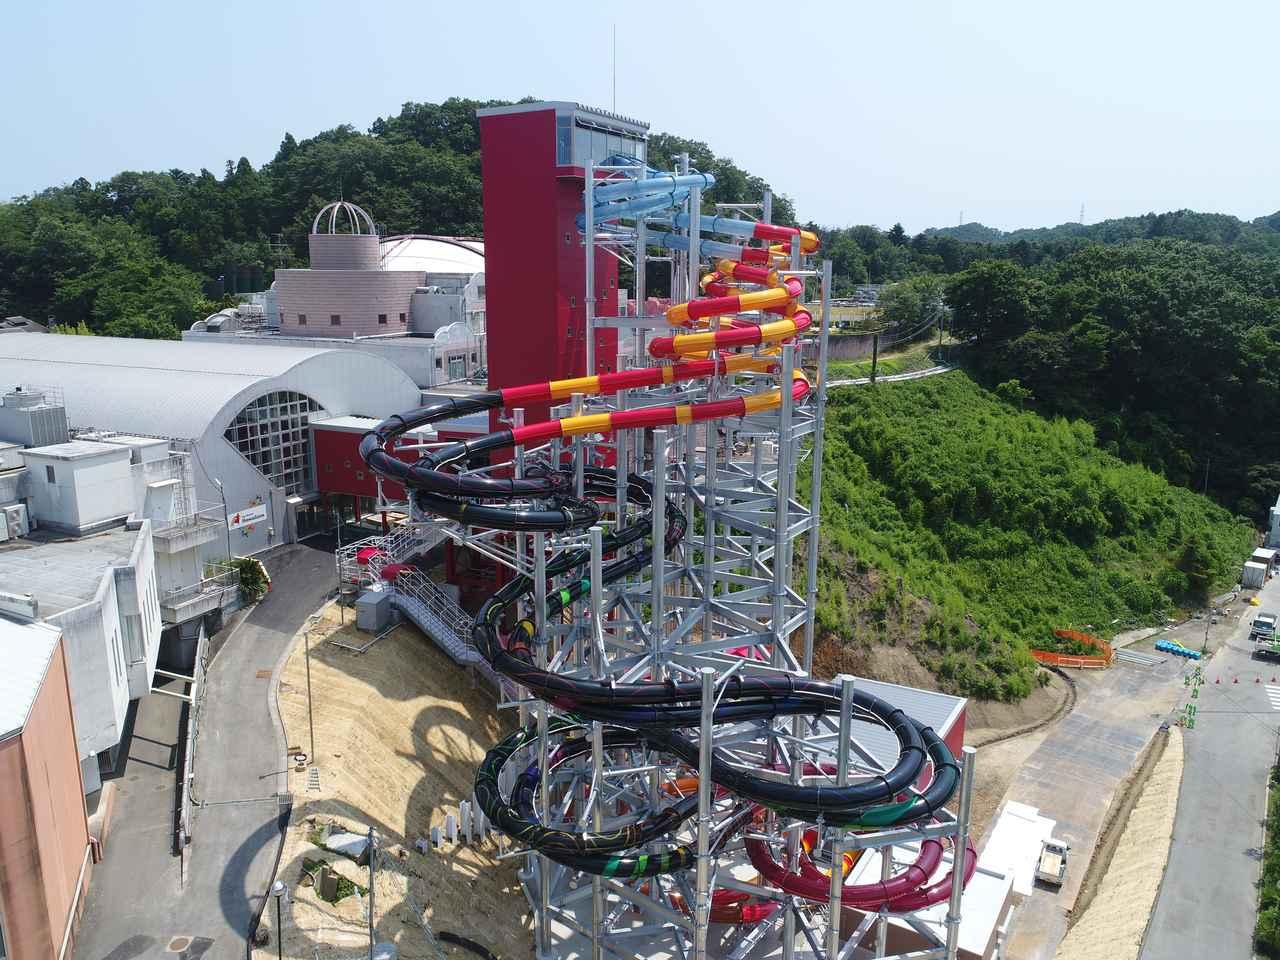 画像1: 【動画あり】高低差・長さ日本一のボディスライダー「BIG☆ALOHA」が登場!